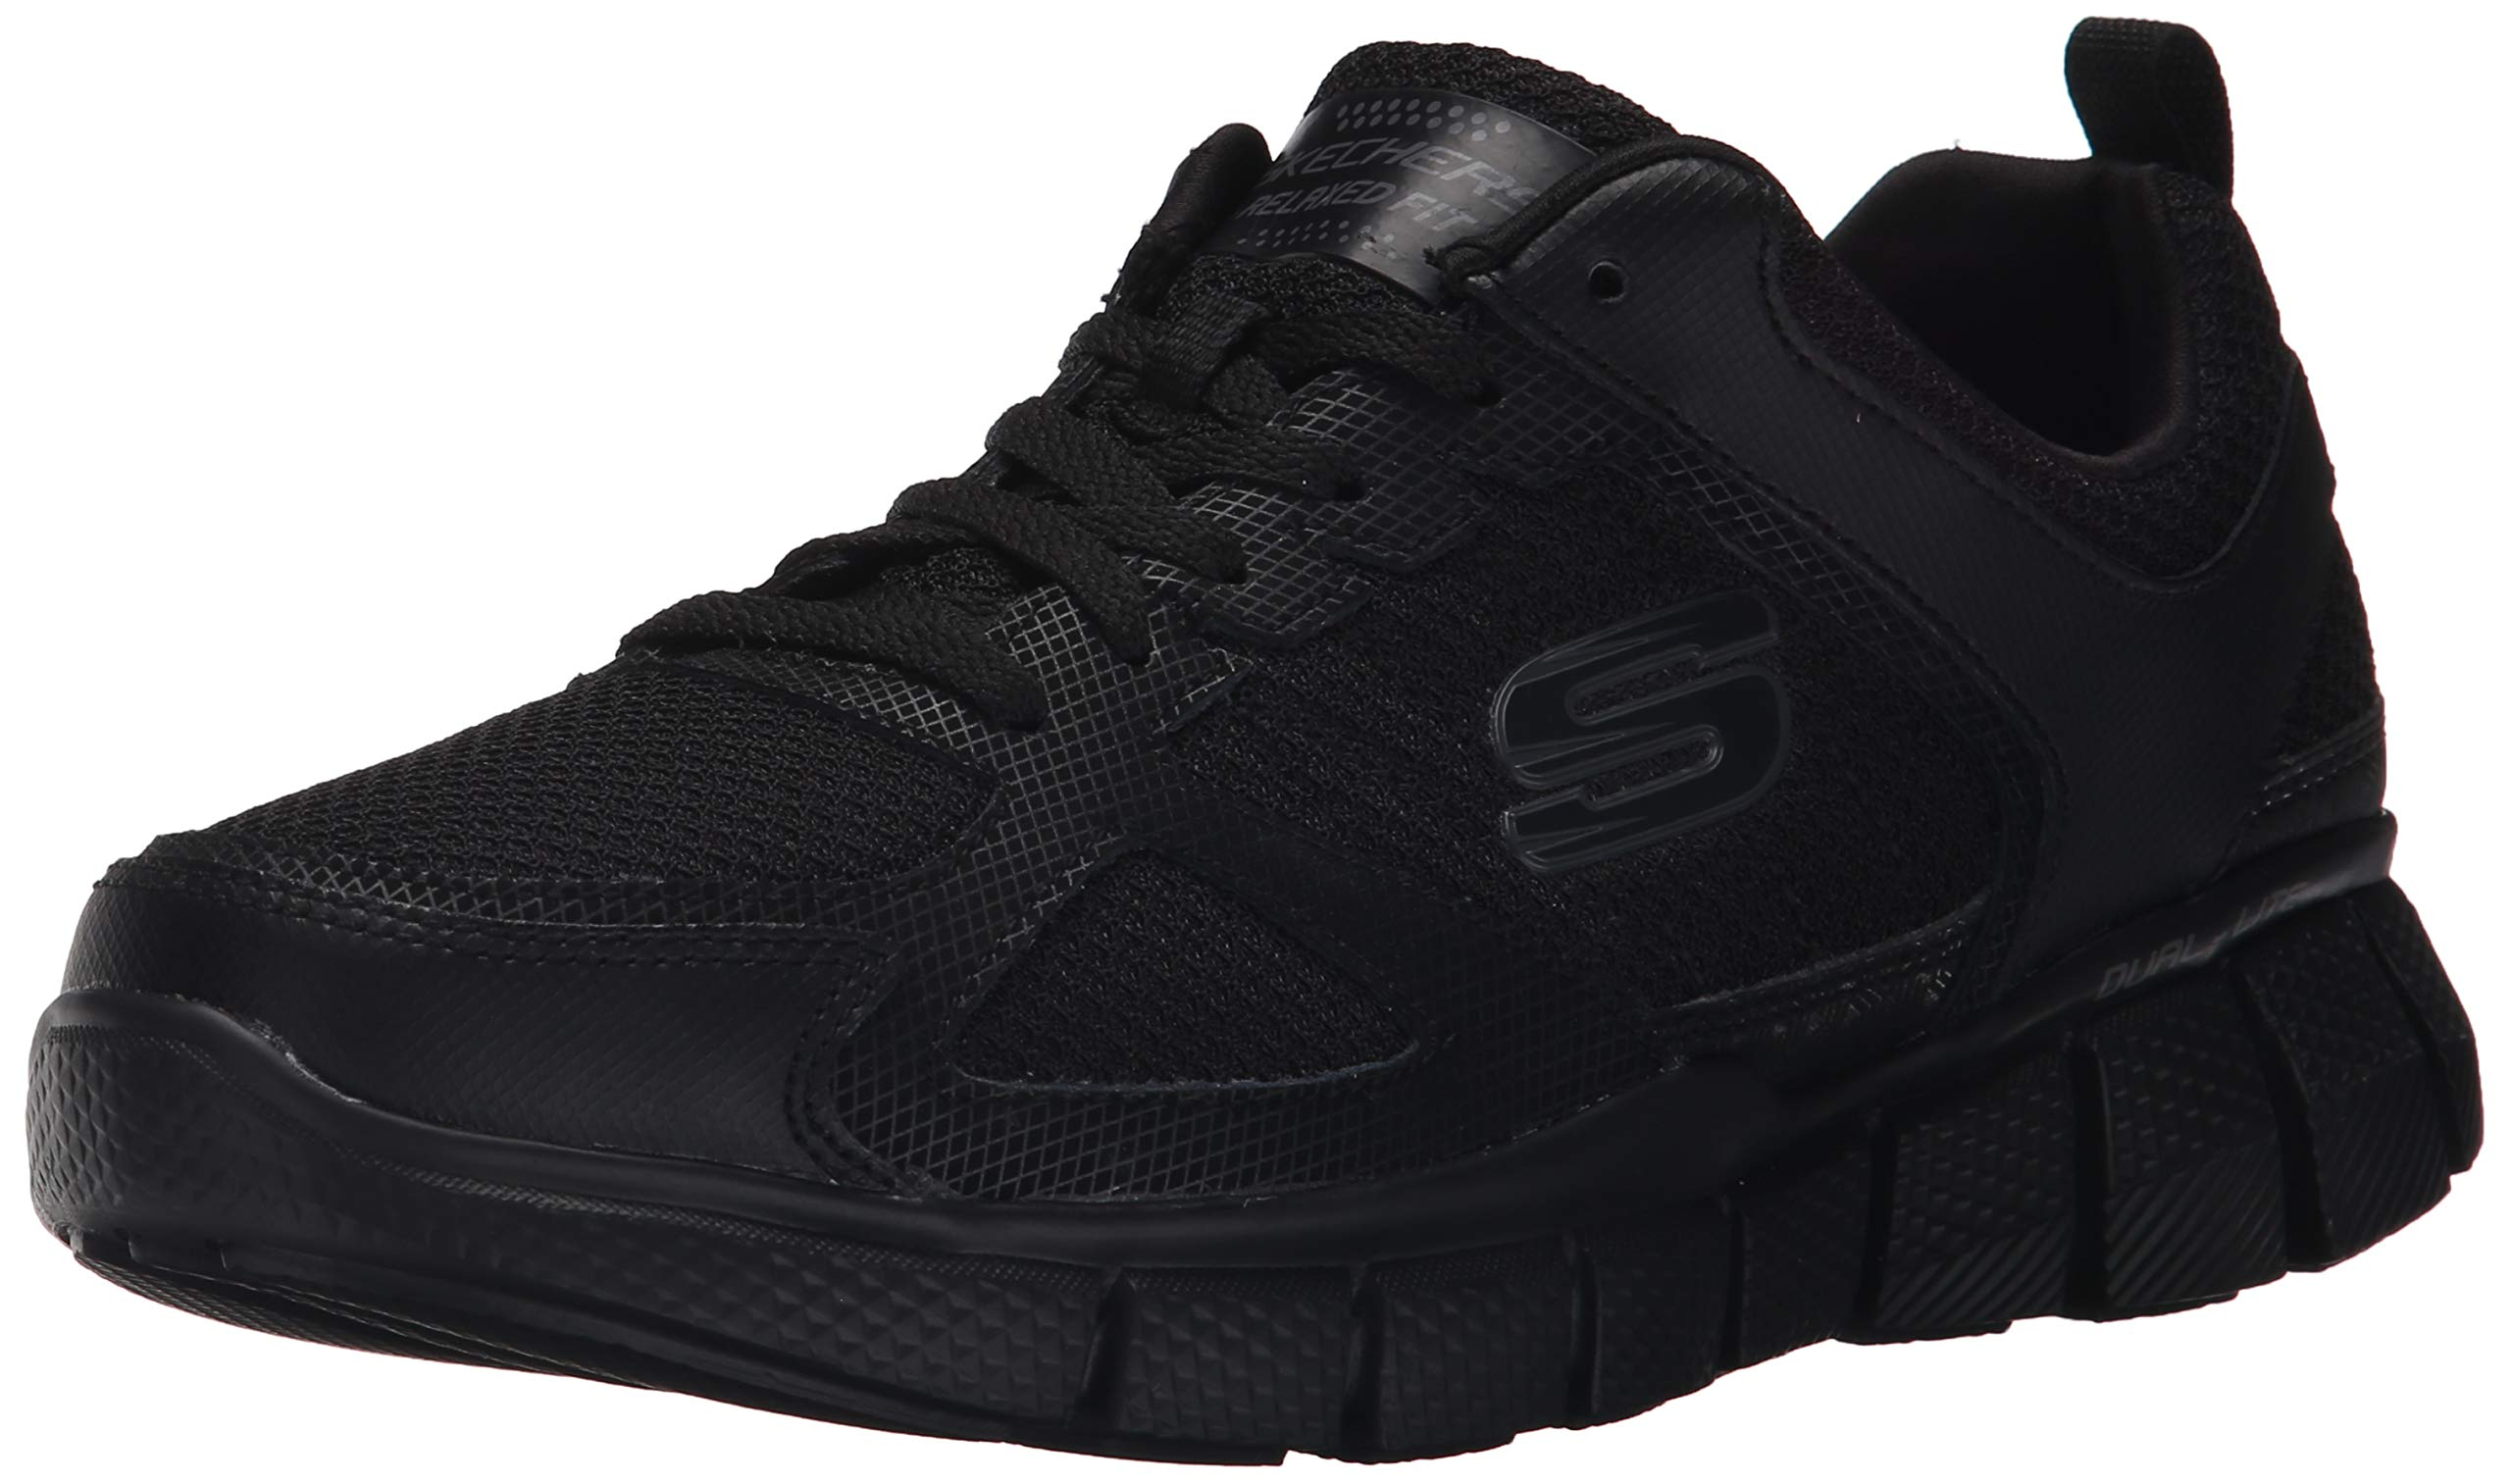 Skechers Sport Men's Equalizer 2.0 True Balance Sneaker,All Black,10.5 M US by Skechers